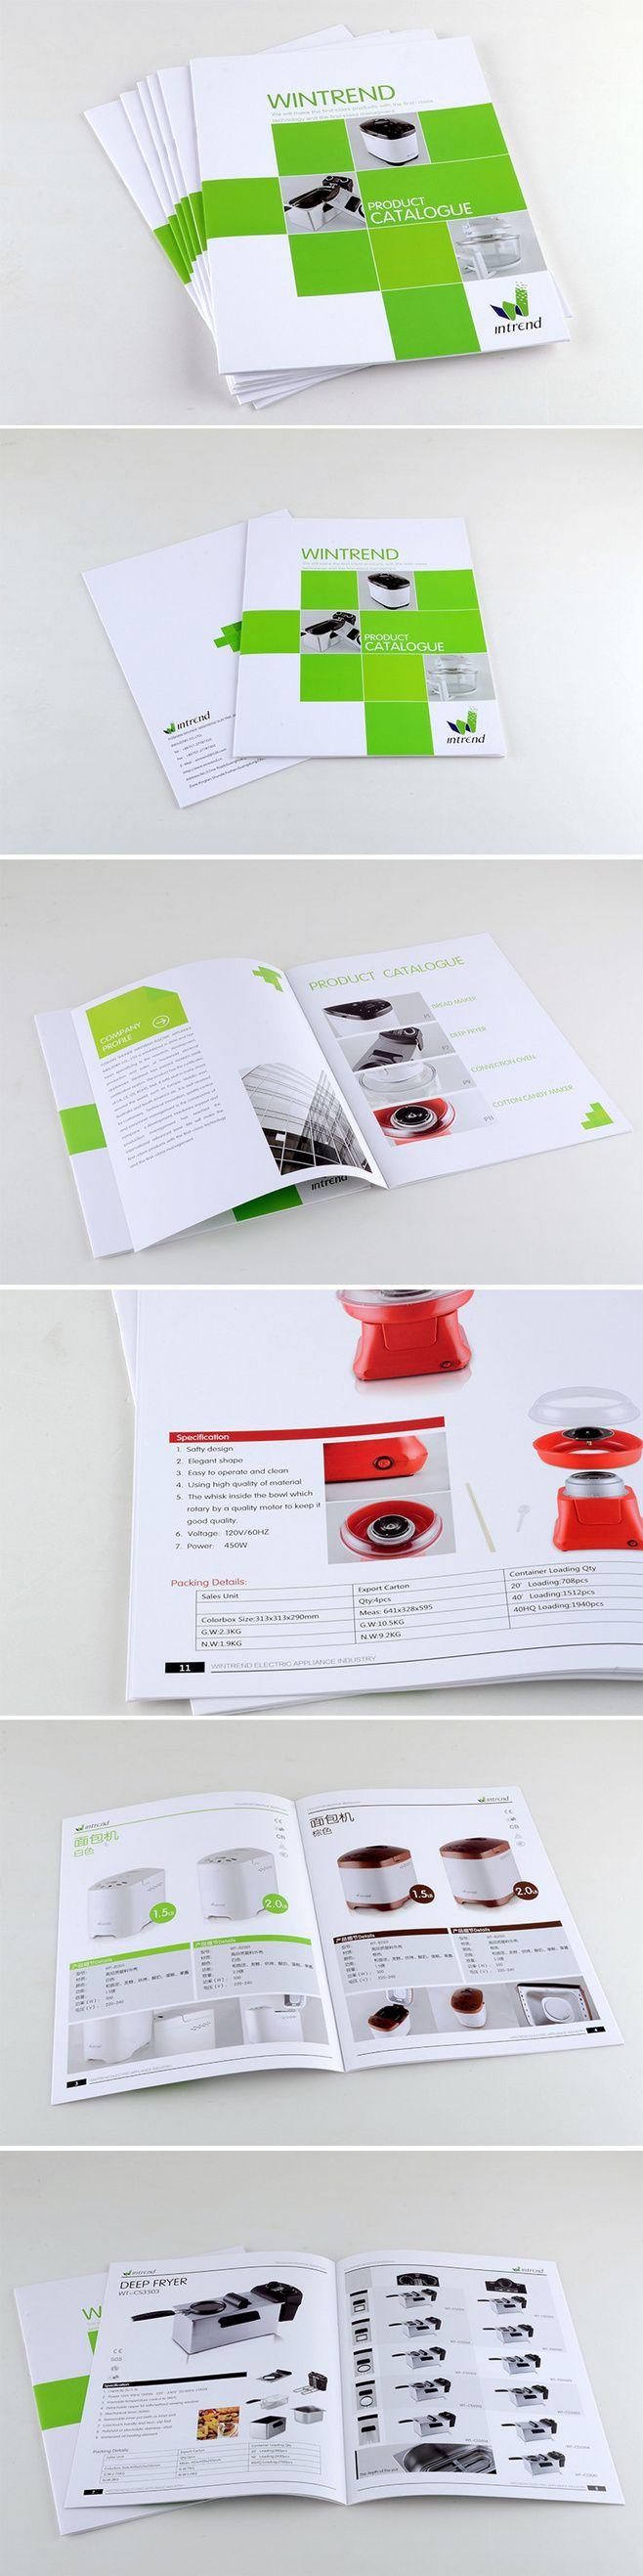 汇臻电器 - 产品宣传册|DM/宣传单/...